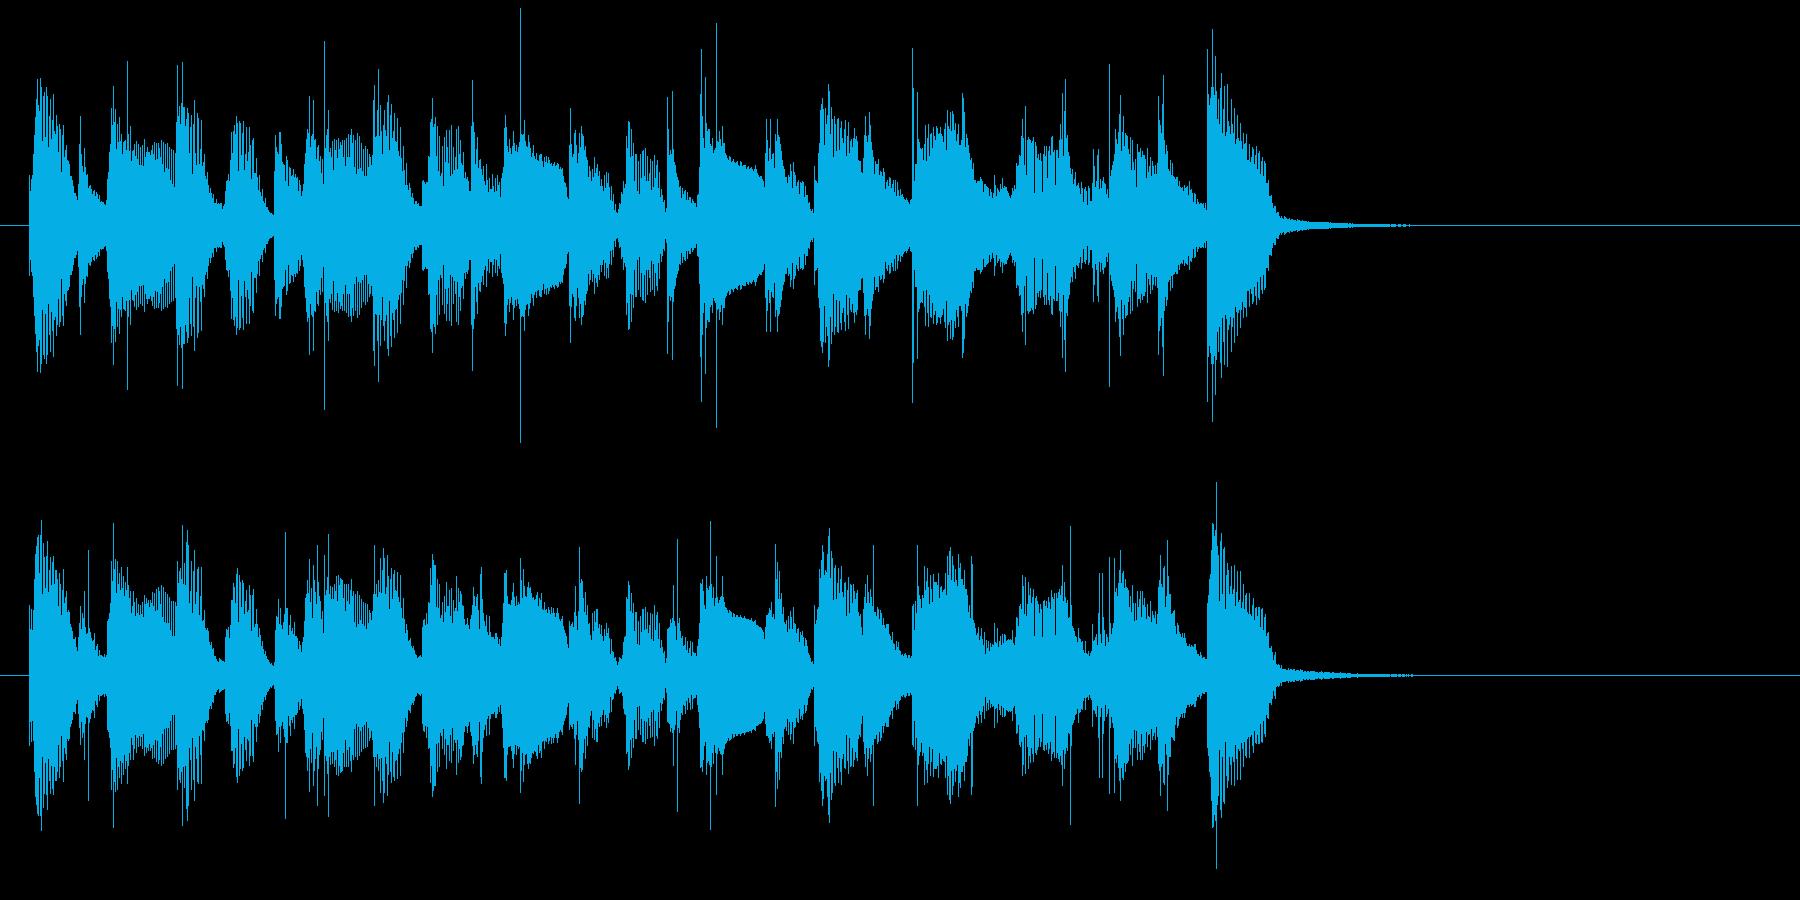 陽気なコーポレート系ポップサウンド♪の再生済みの波形